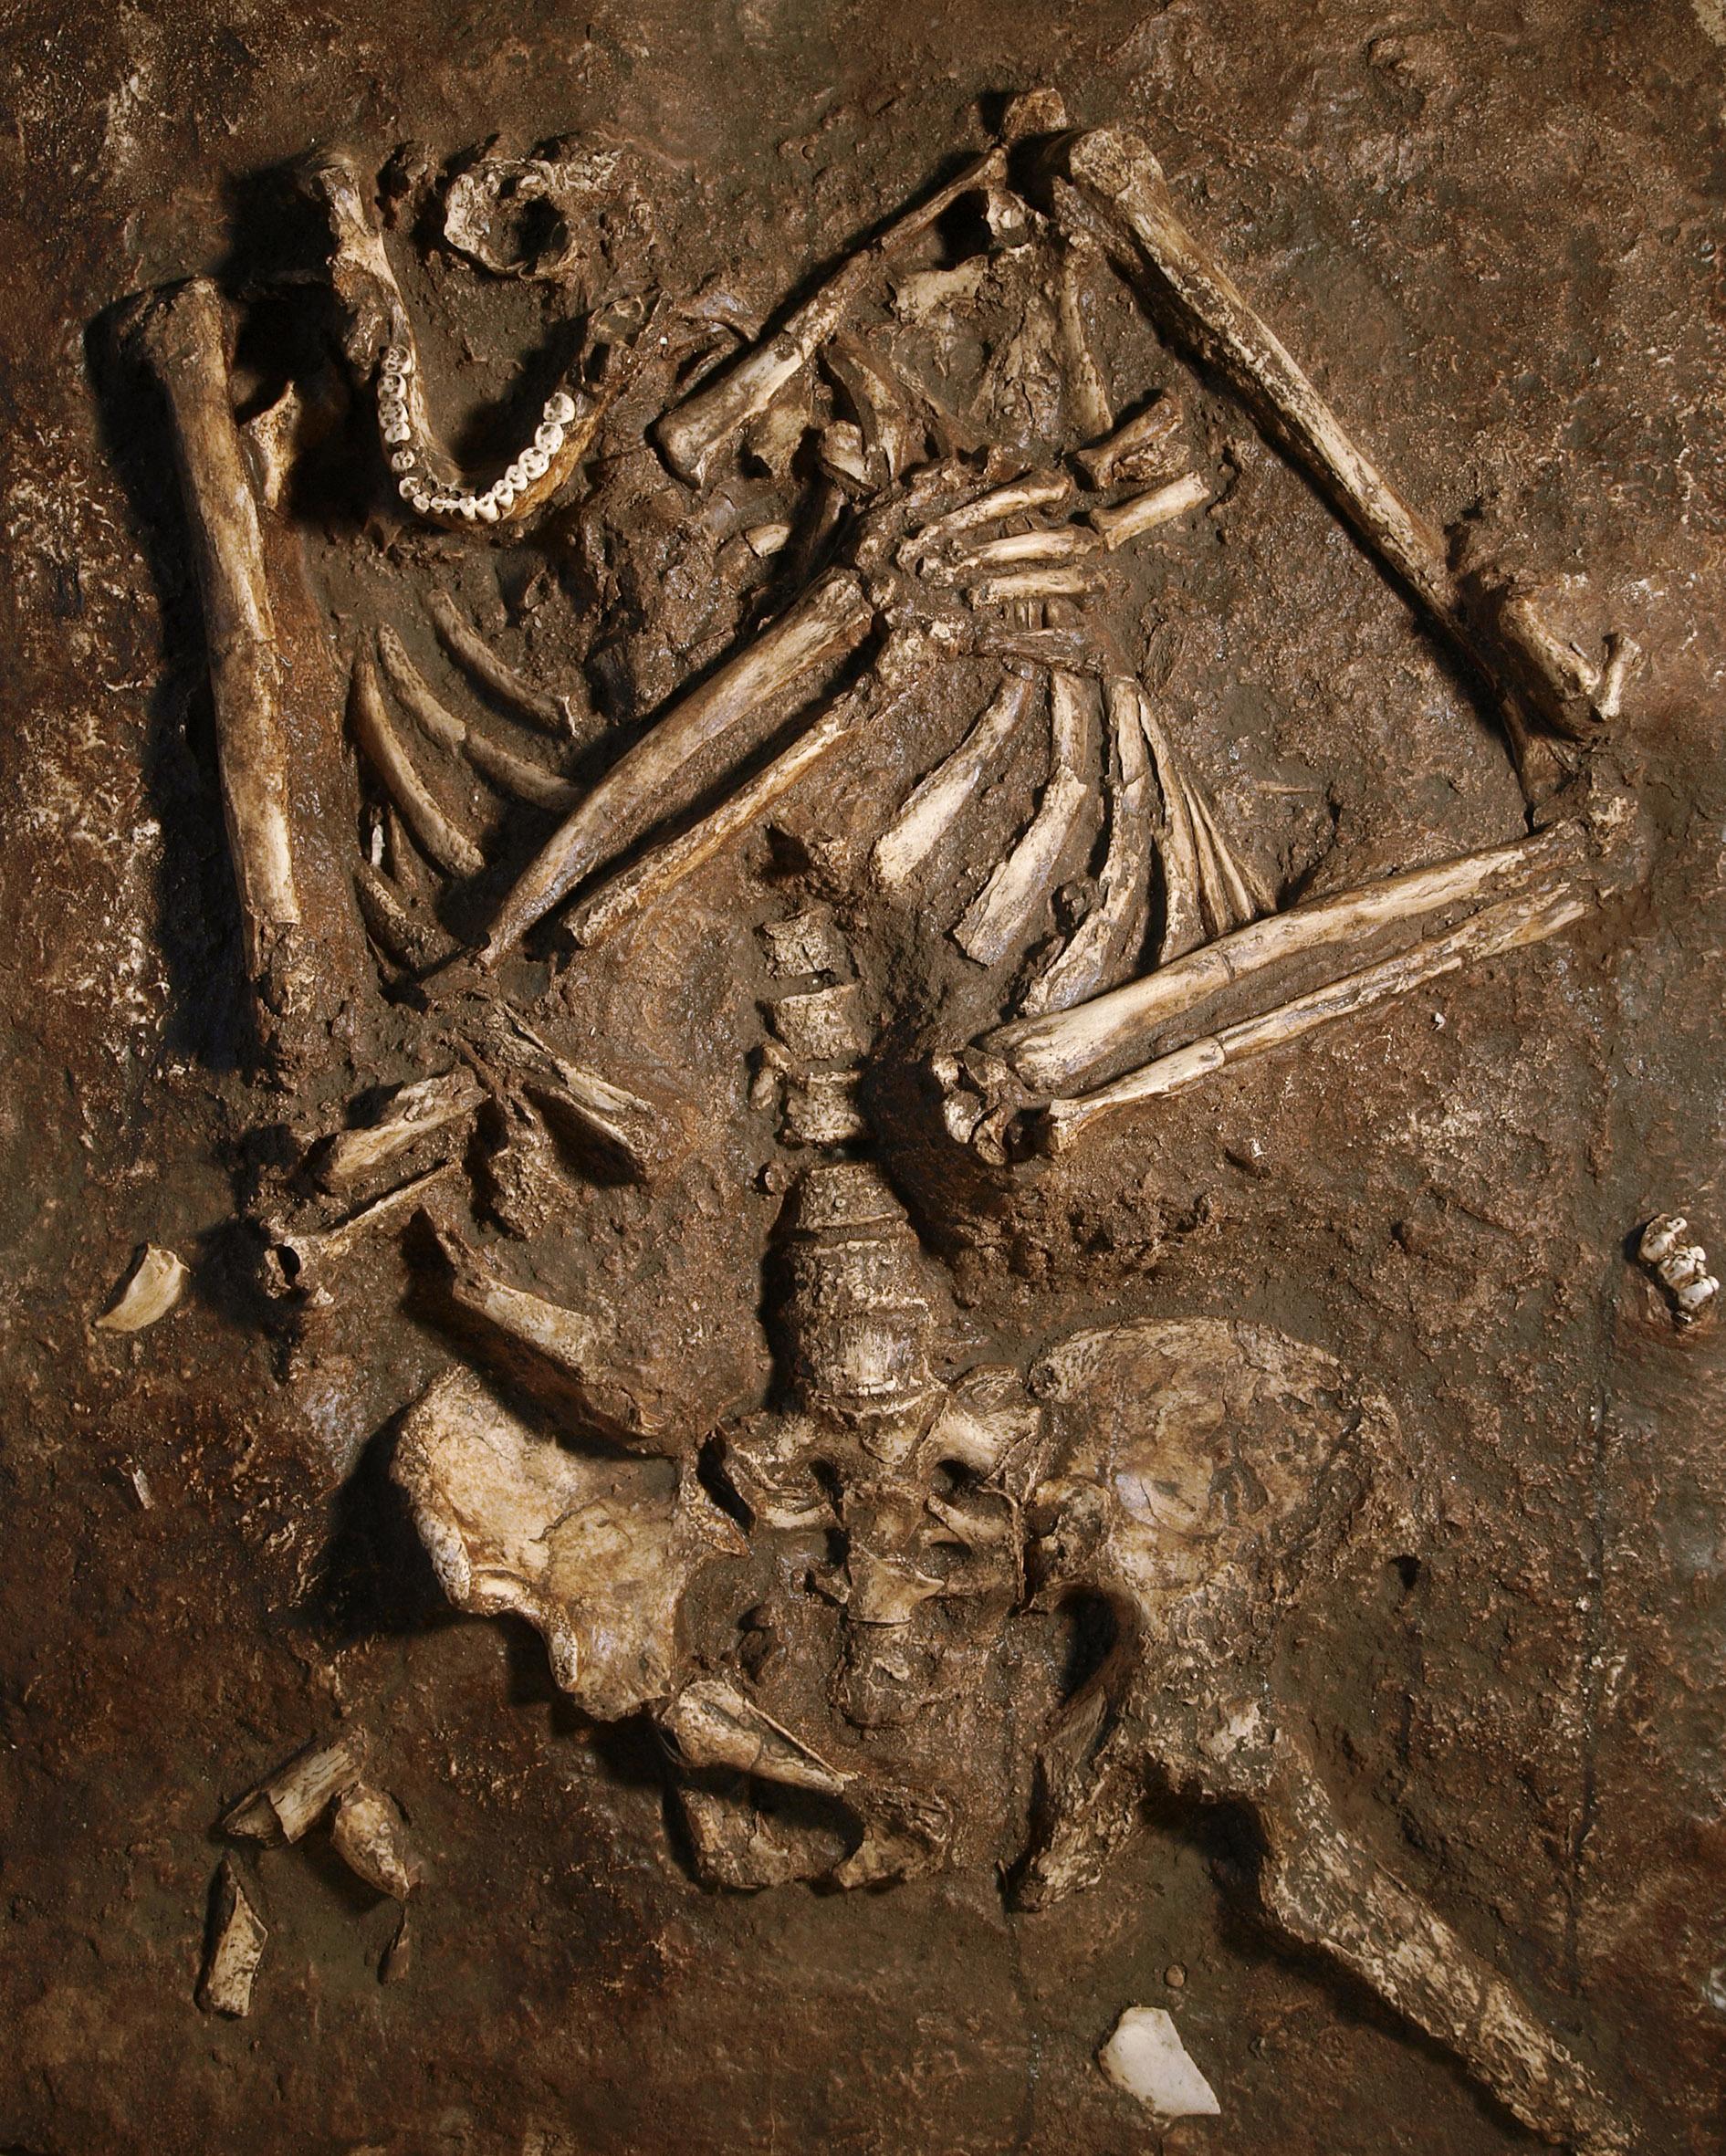 Fotografía de un molde del esqueleto neandertal de Kebara 2 tal y como fue encontrado